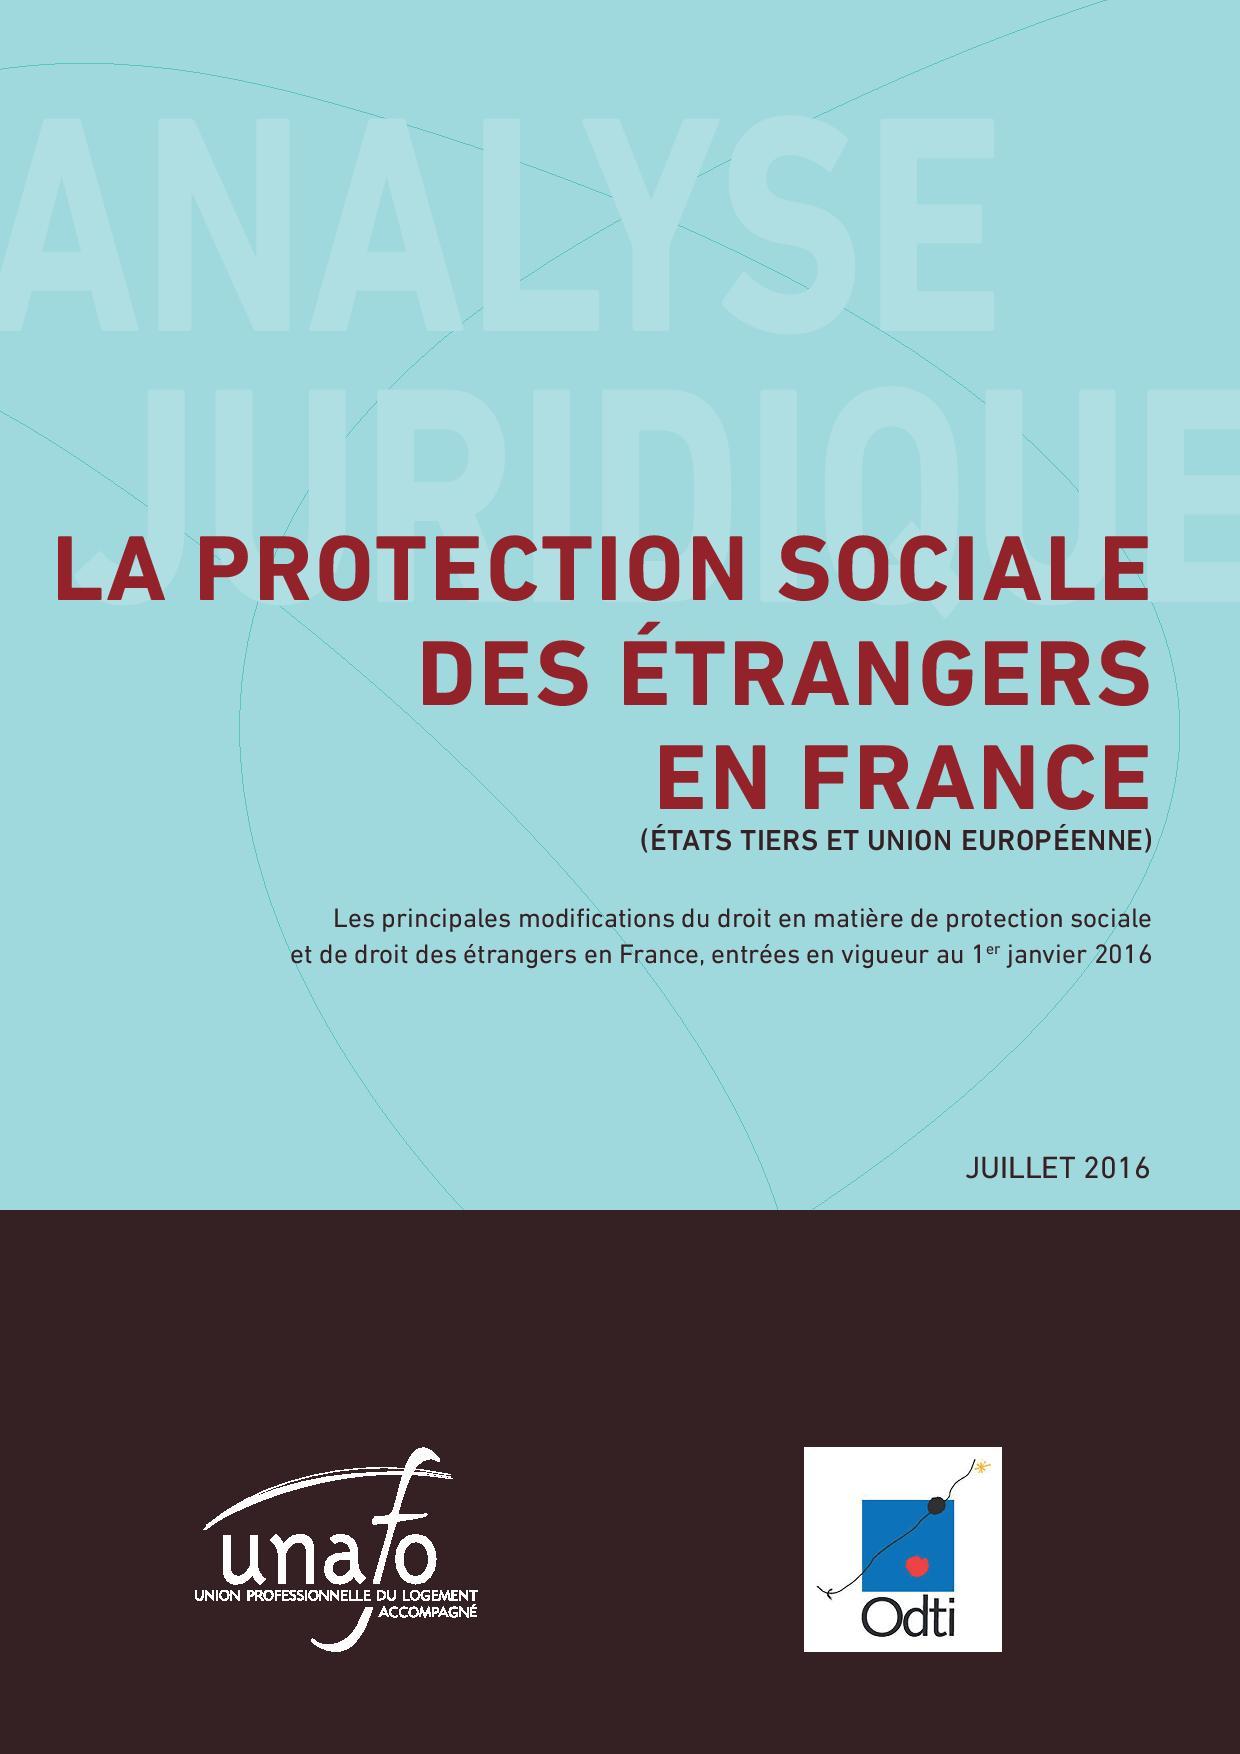 la_protection_sociale_des_etrangers_en_france.1-page-001.jpg